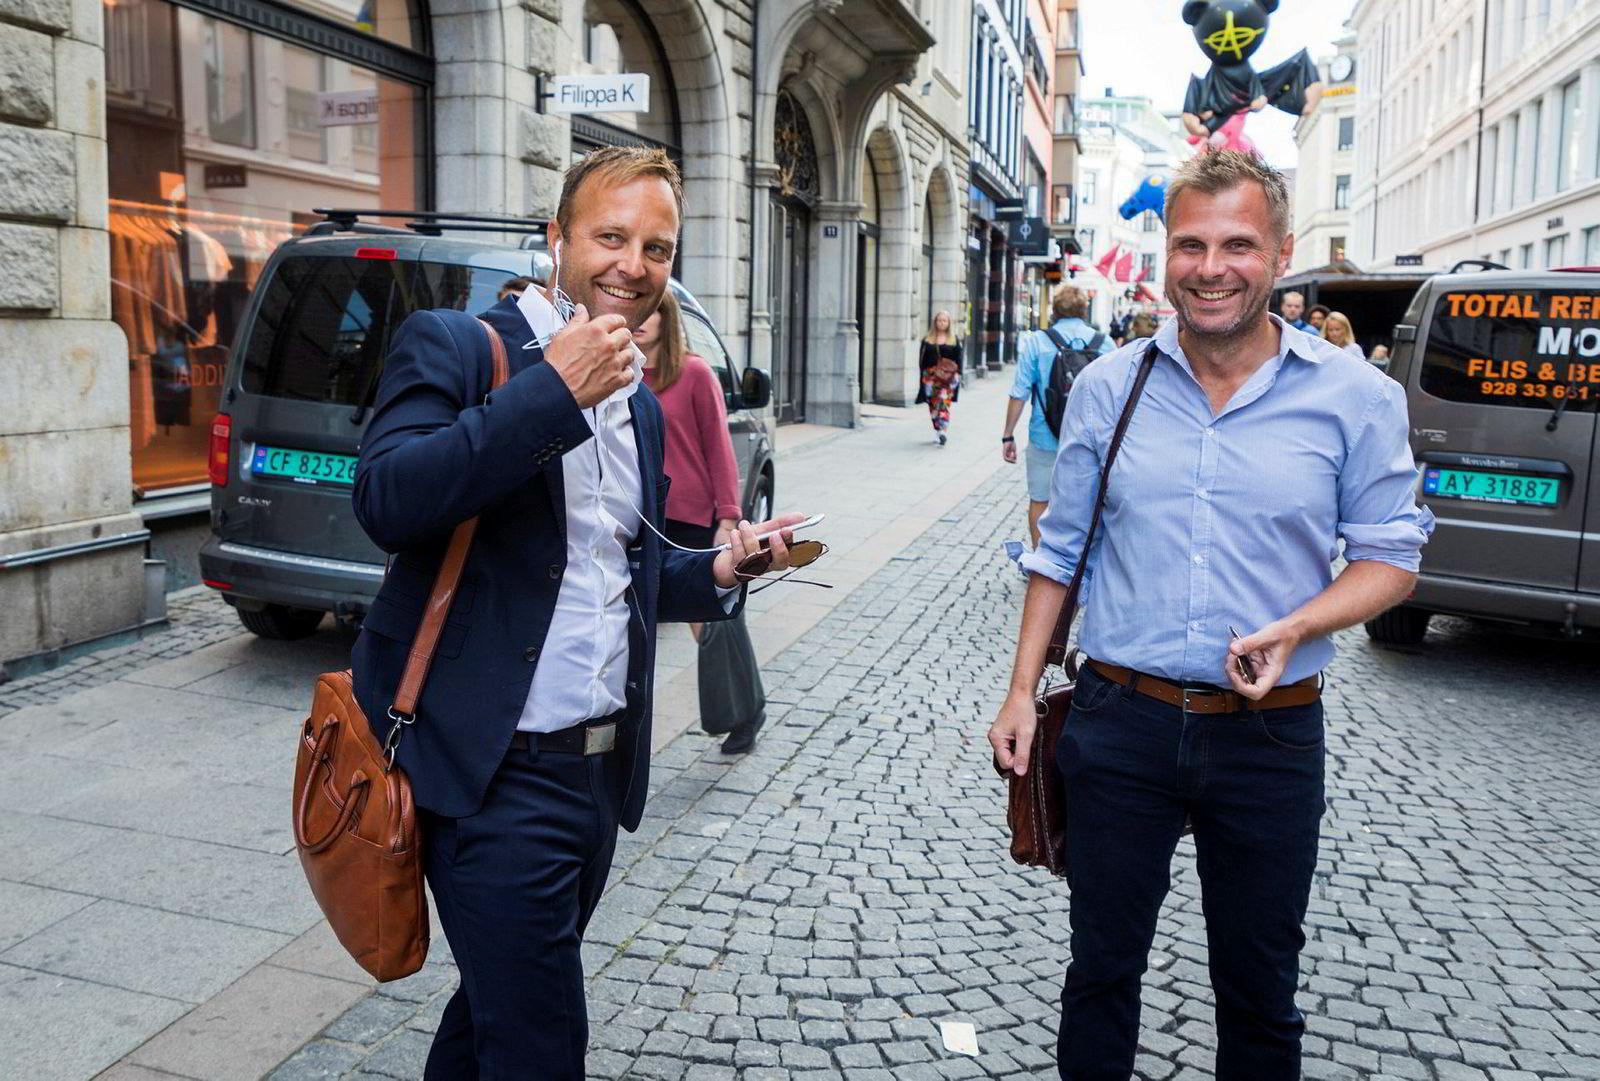 Try råd-sjef Sindre Beyer (til venstre), her med partner Torgeir Micaelsen.